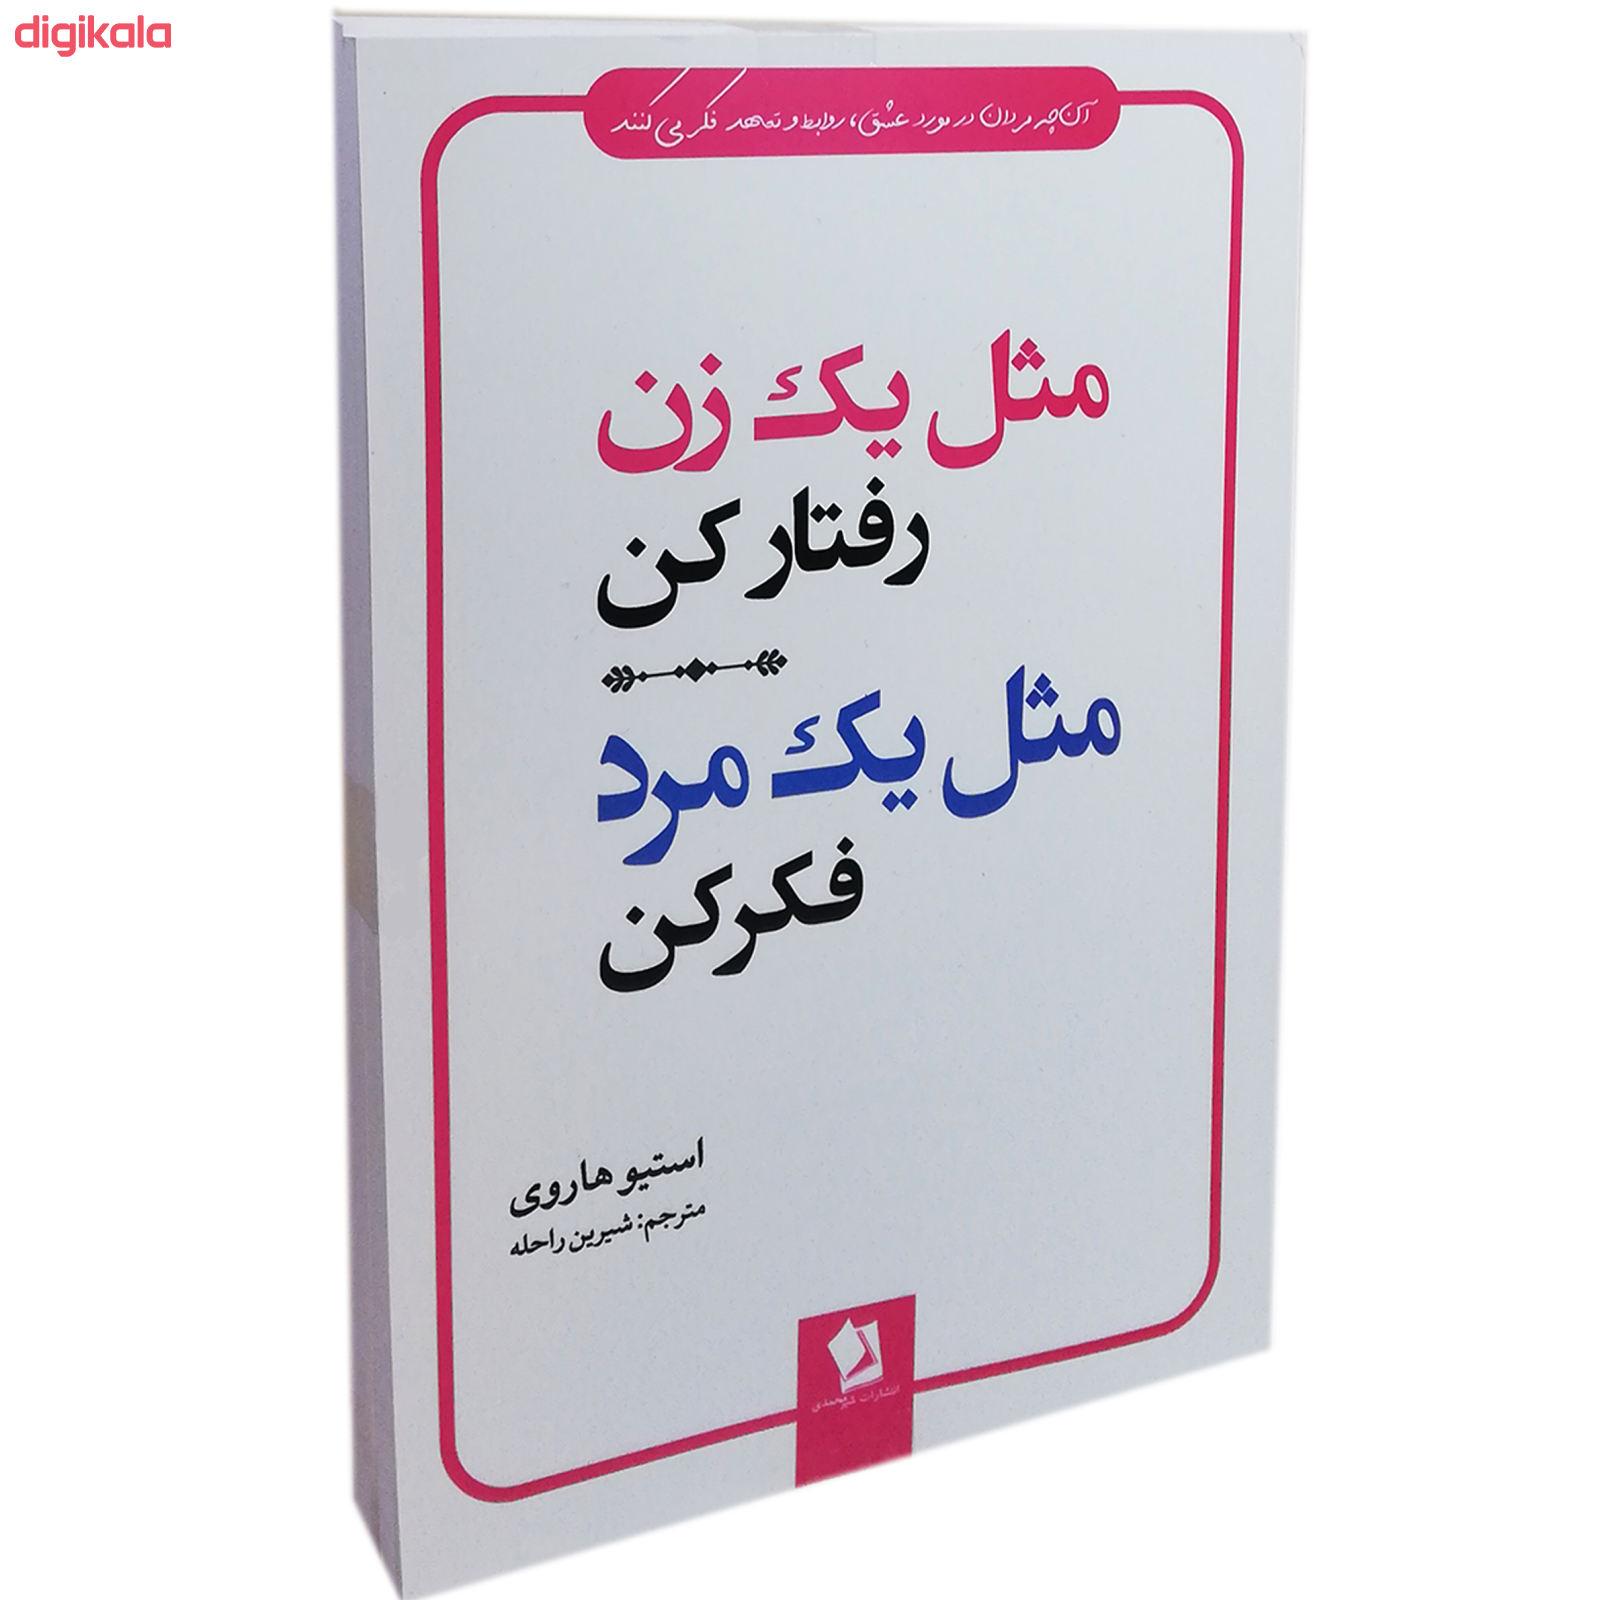 کتاب مثل یک زن رفتار کن مثل یک مرد فکر کن اثر استیو هاروی نشر شیر محمدی main 1 1